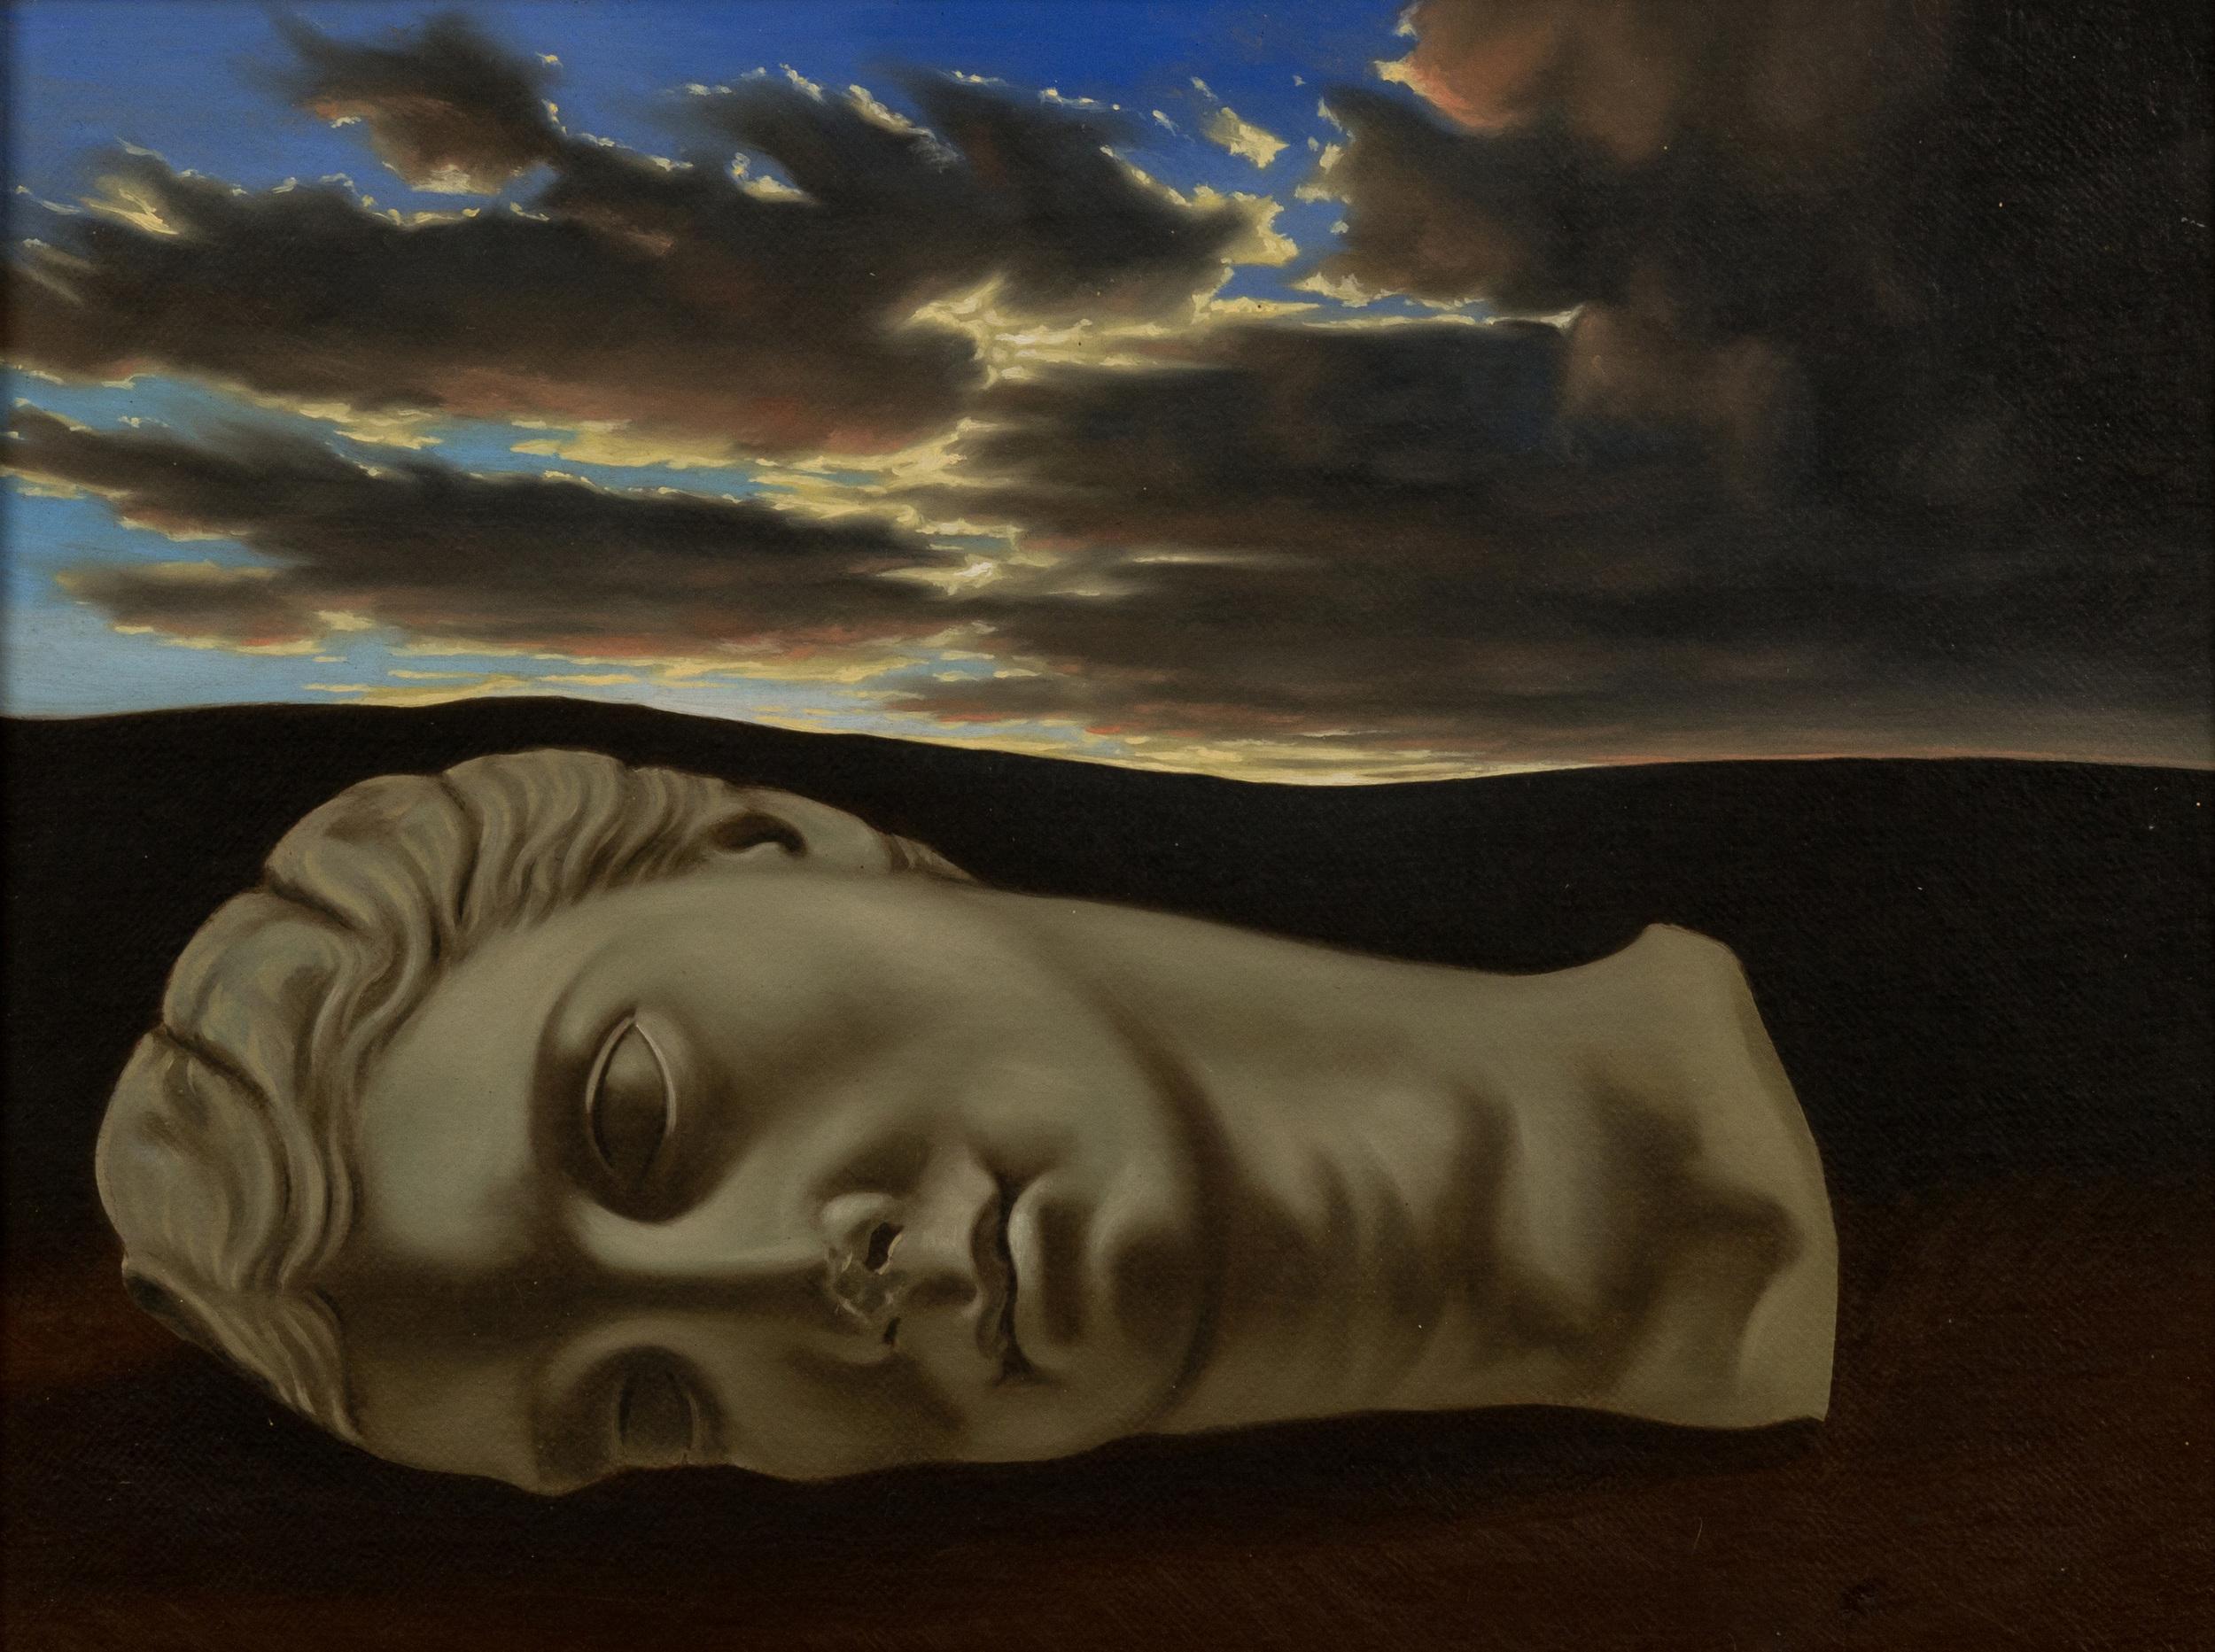 Diana Aricina ovvero la bellezza mitica ,  olio su tela, cm 30x40, 2005